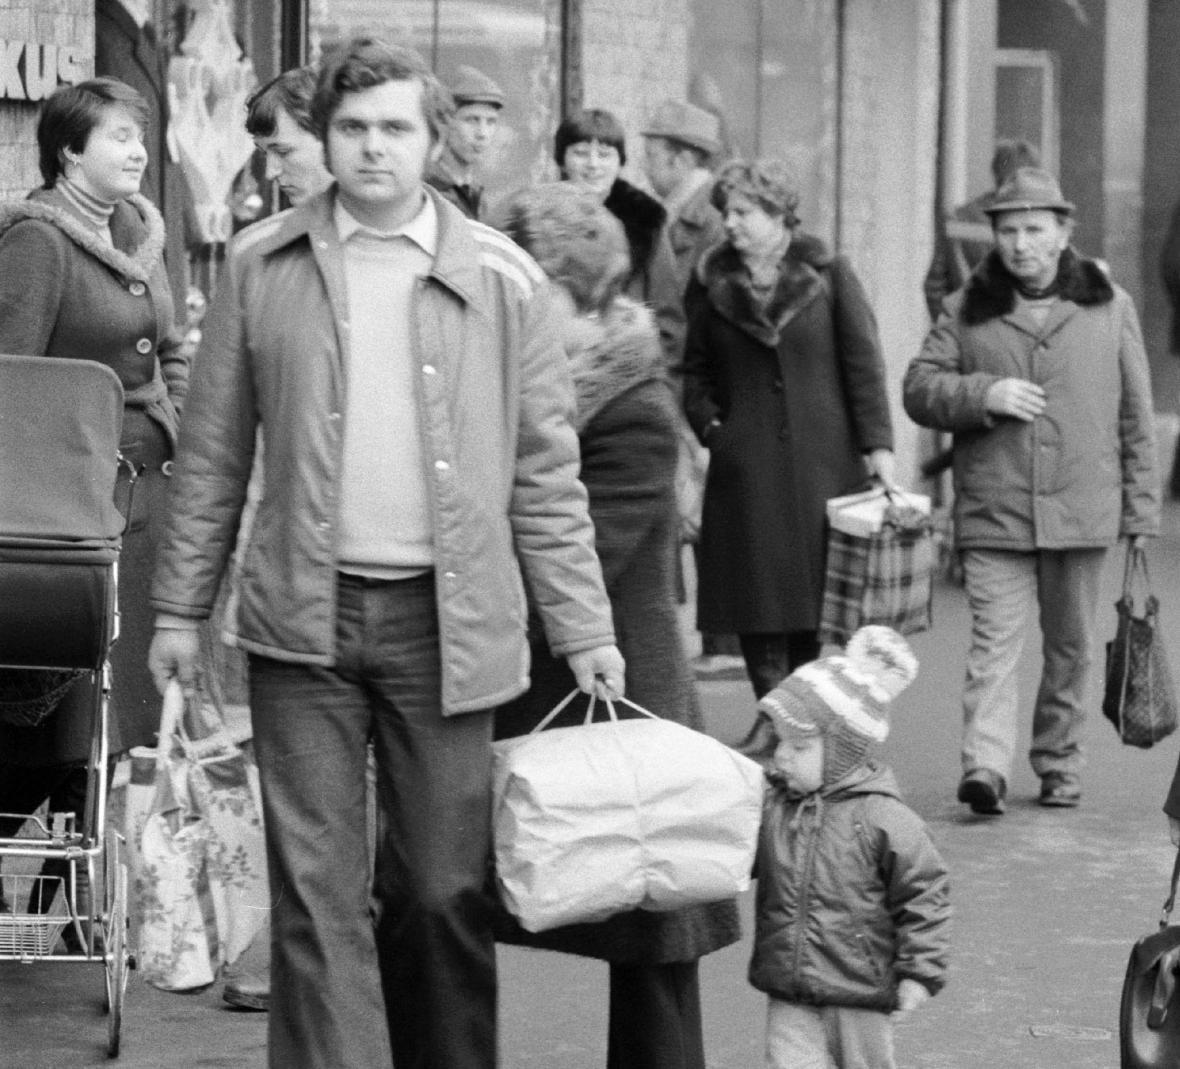 Vánoční nákupy za socialismu (1987, Ústí nad Labem)